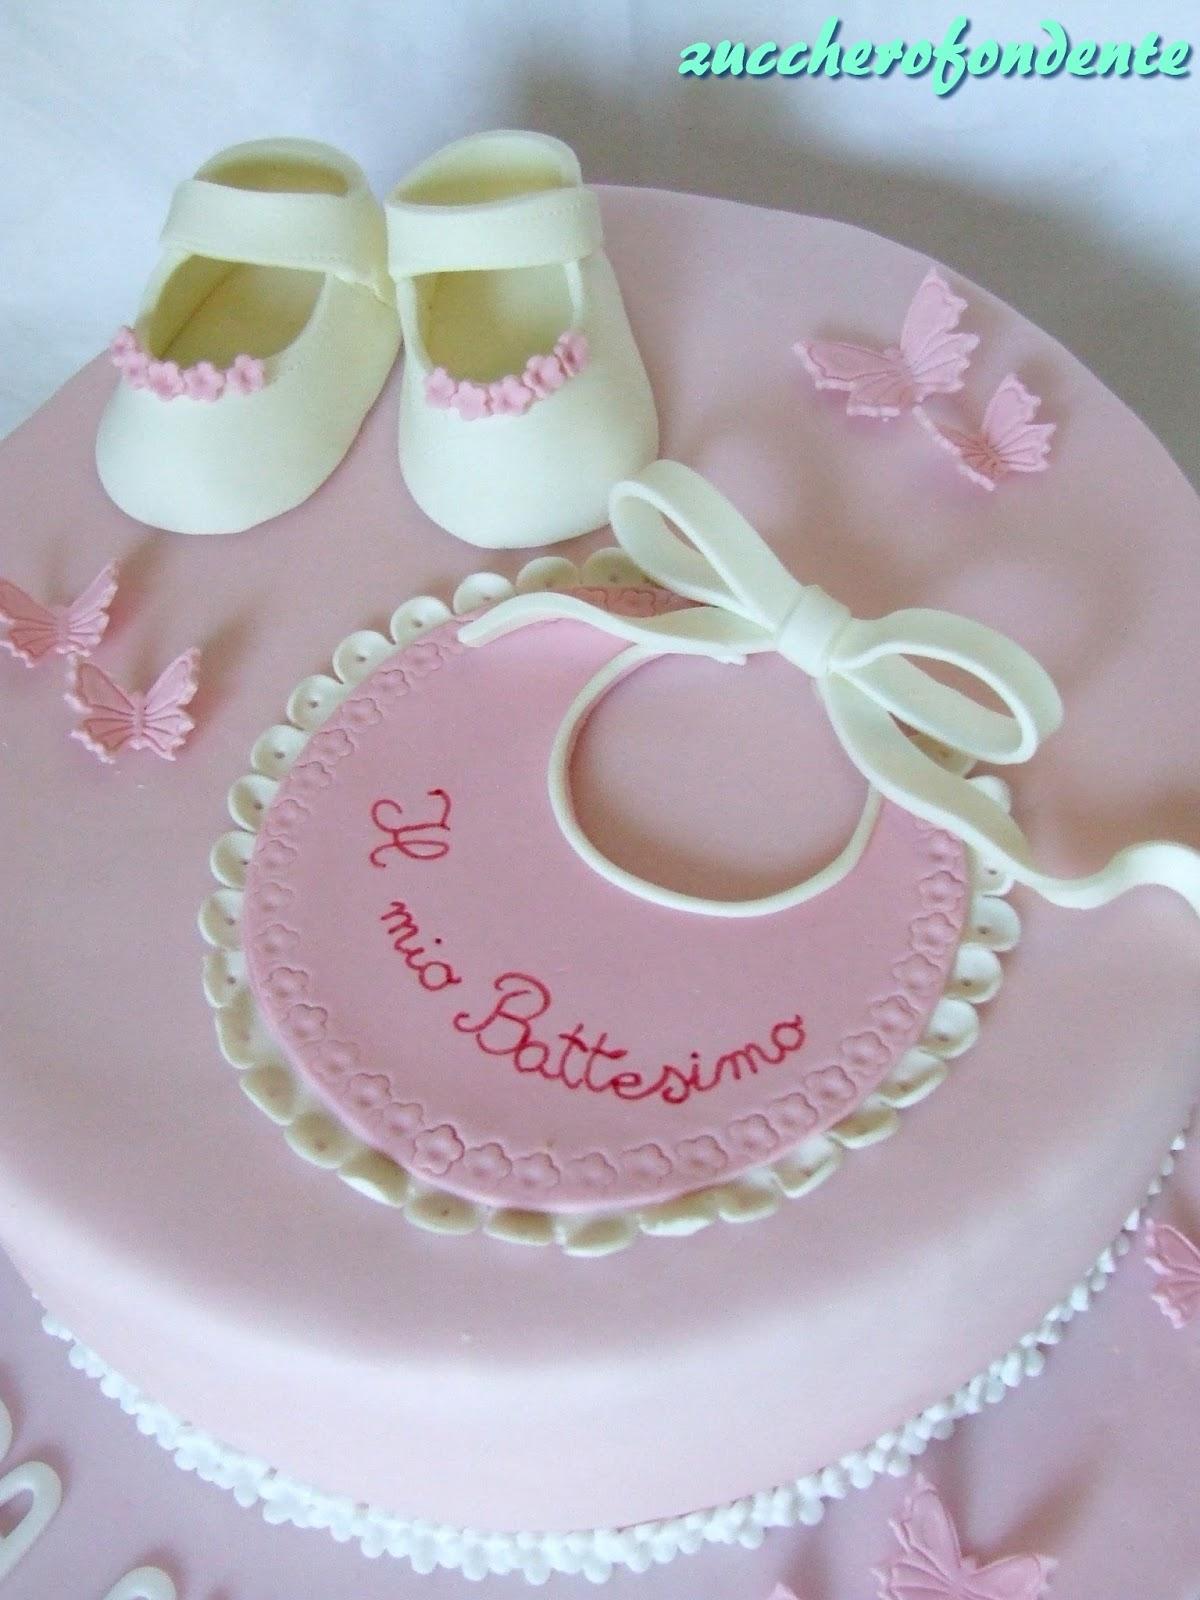 Zuccherofondente torta battesimo con scarpine - Decorazioni per battesimo bimba ...